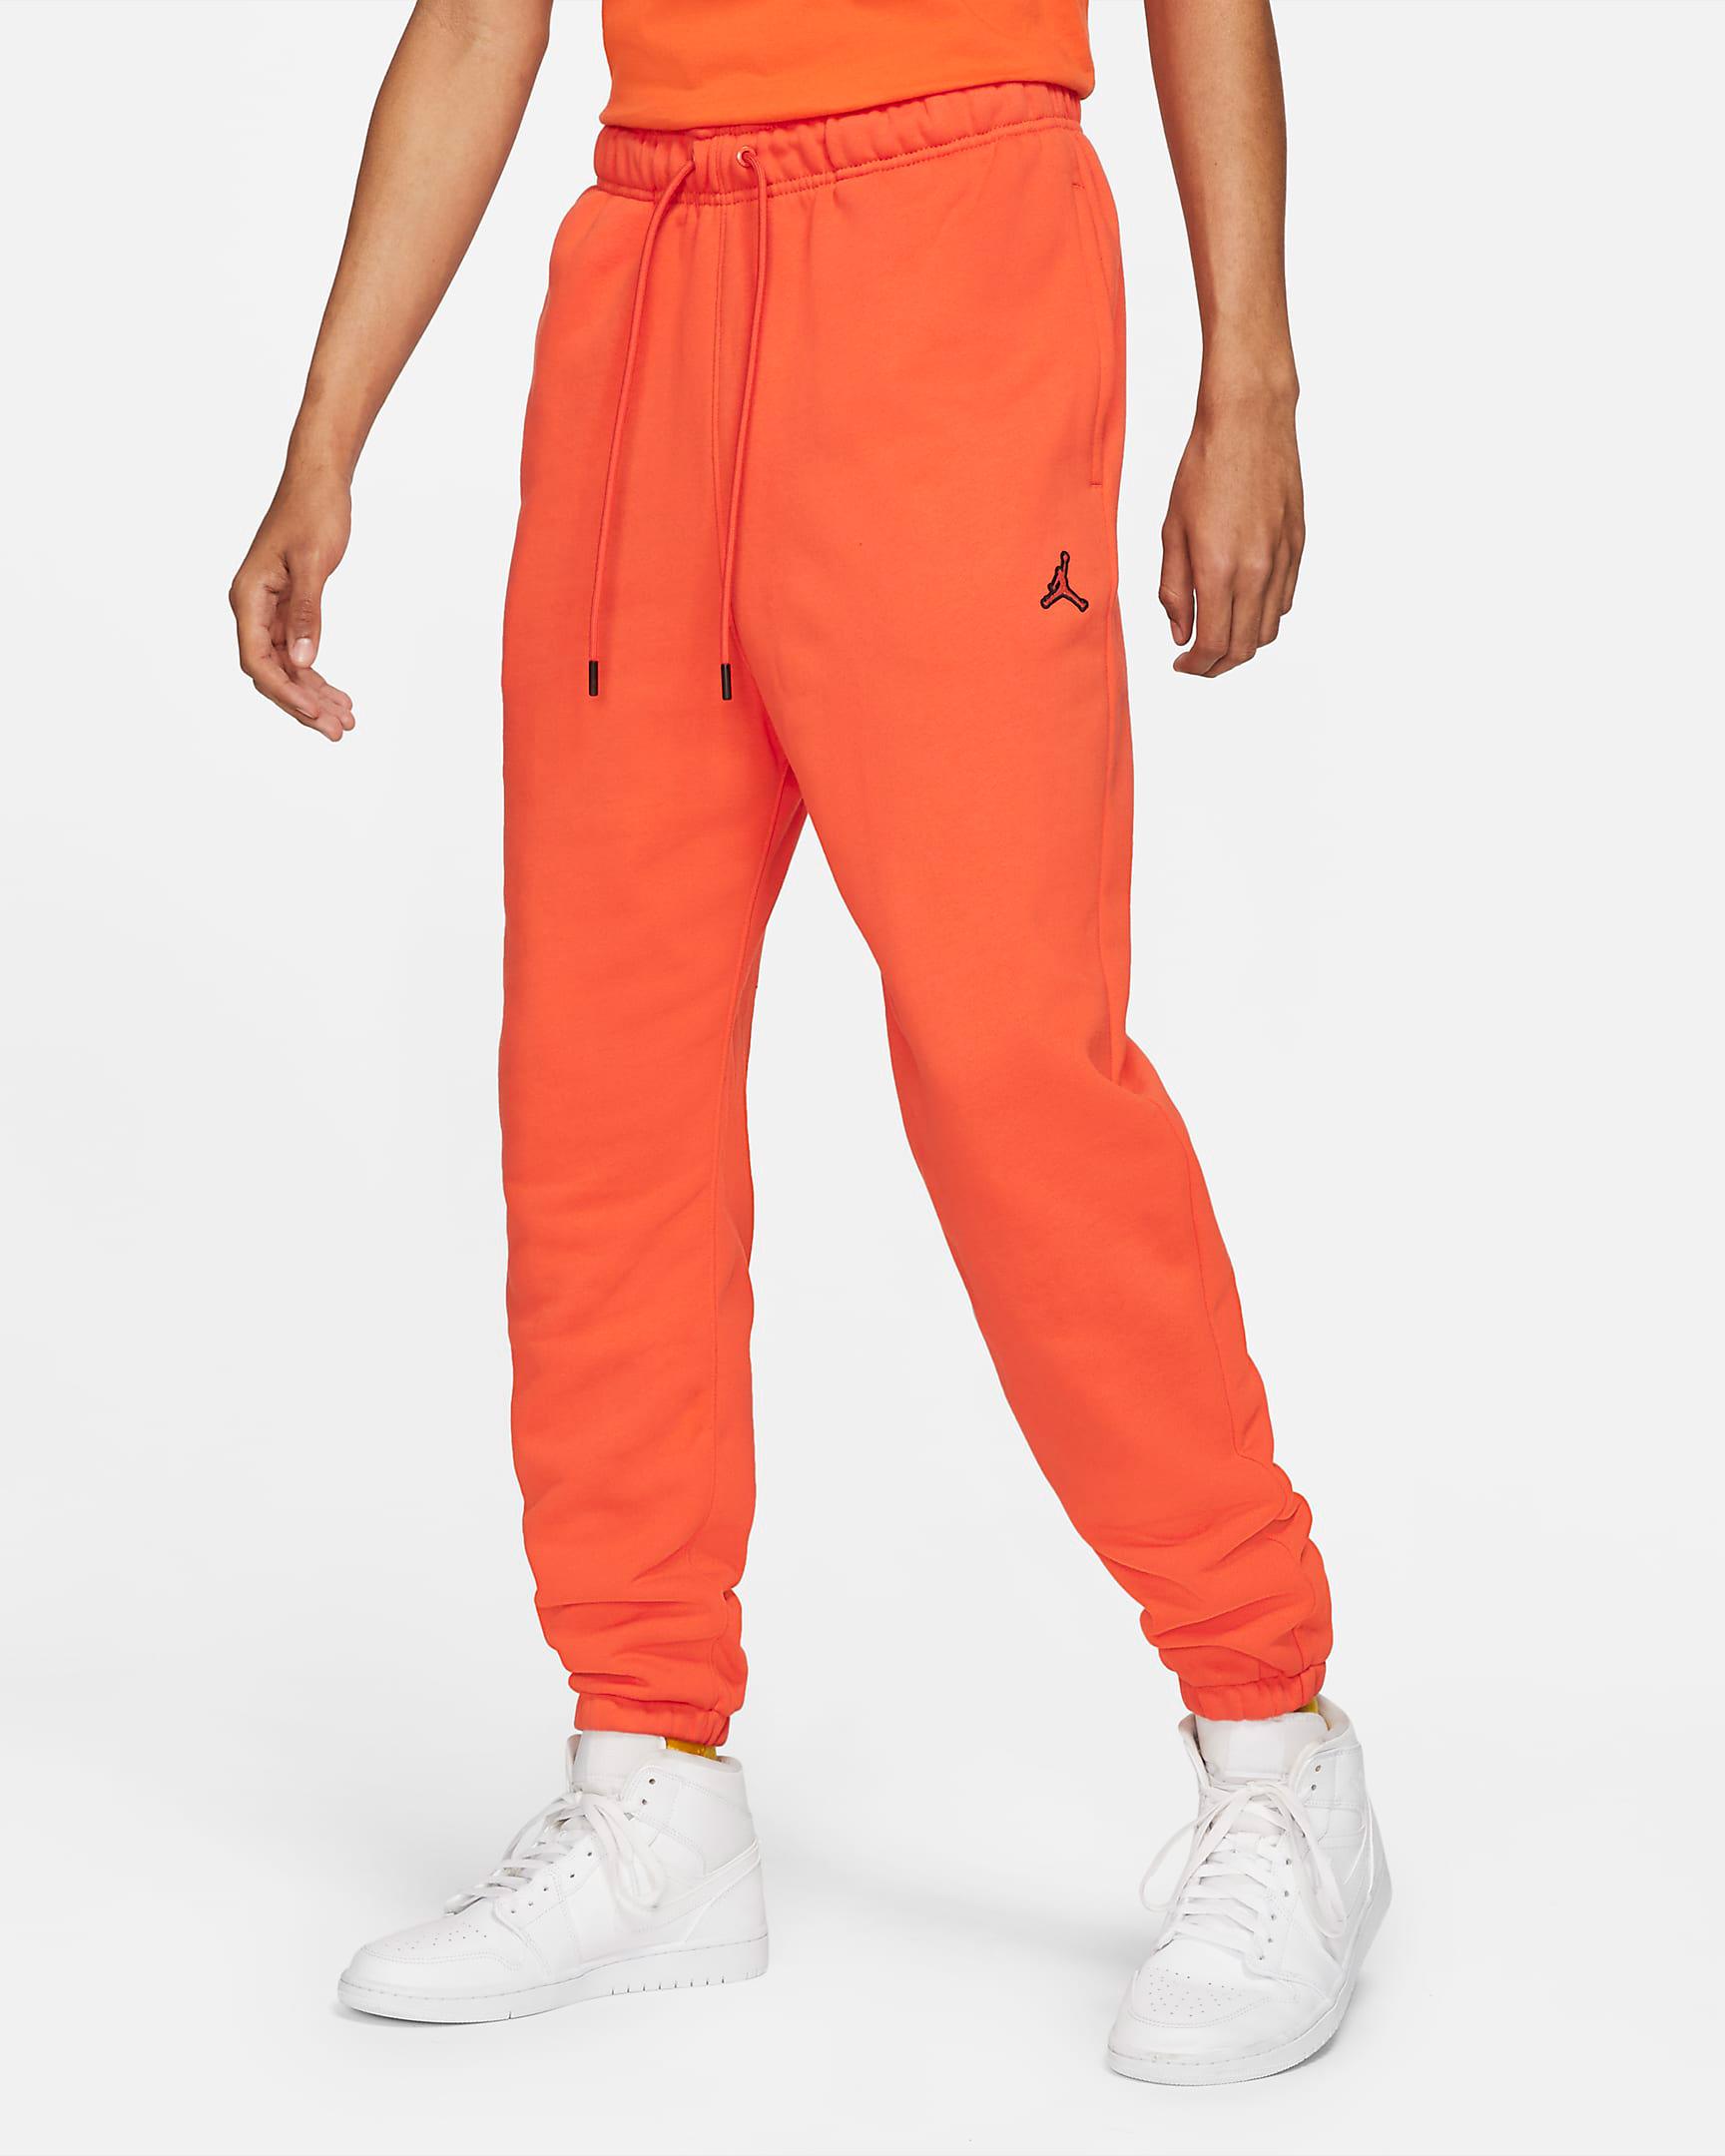 jordan-orange-essentials-fleece-pants-1